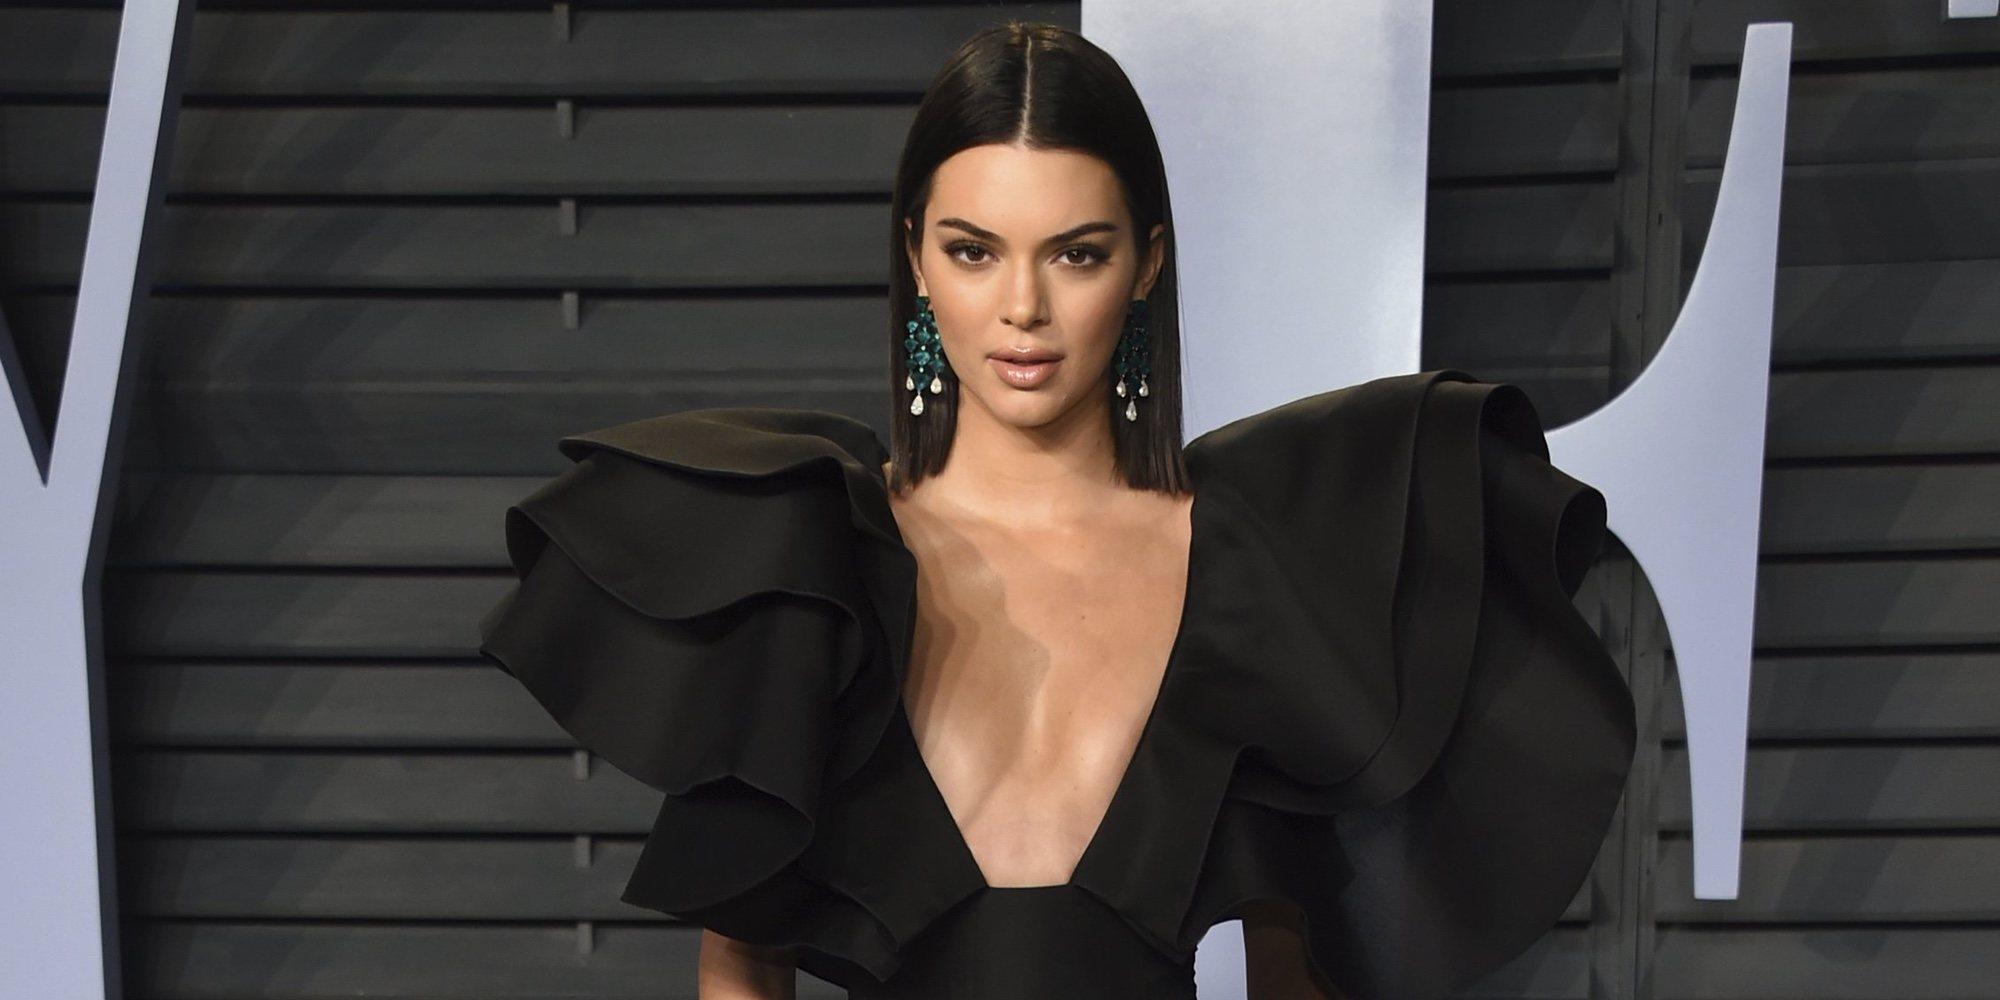 Kendall Jenner, hospitalizada por una inyección de vitaminas poco antes de su reaparición en la alfombra roja